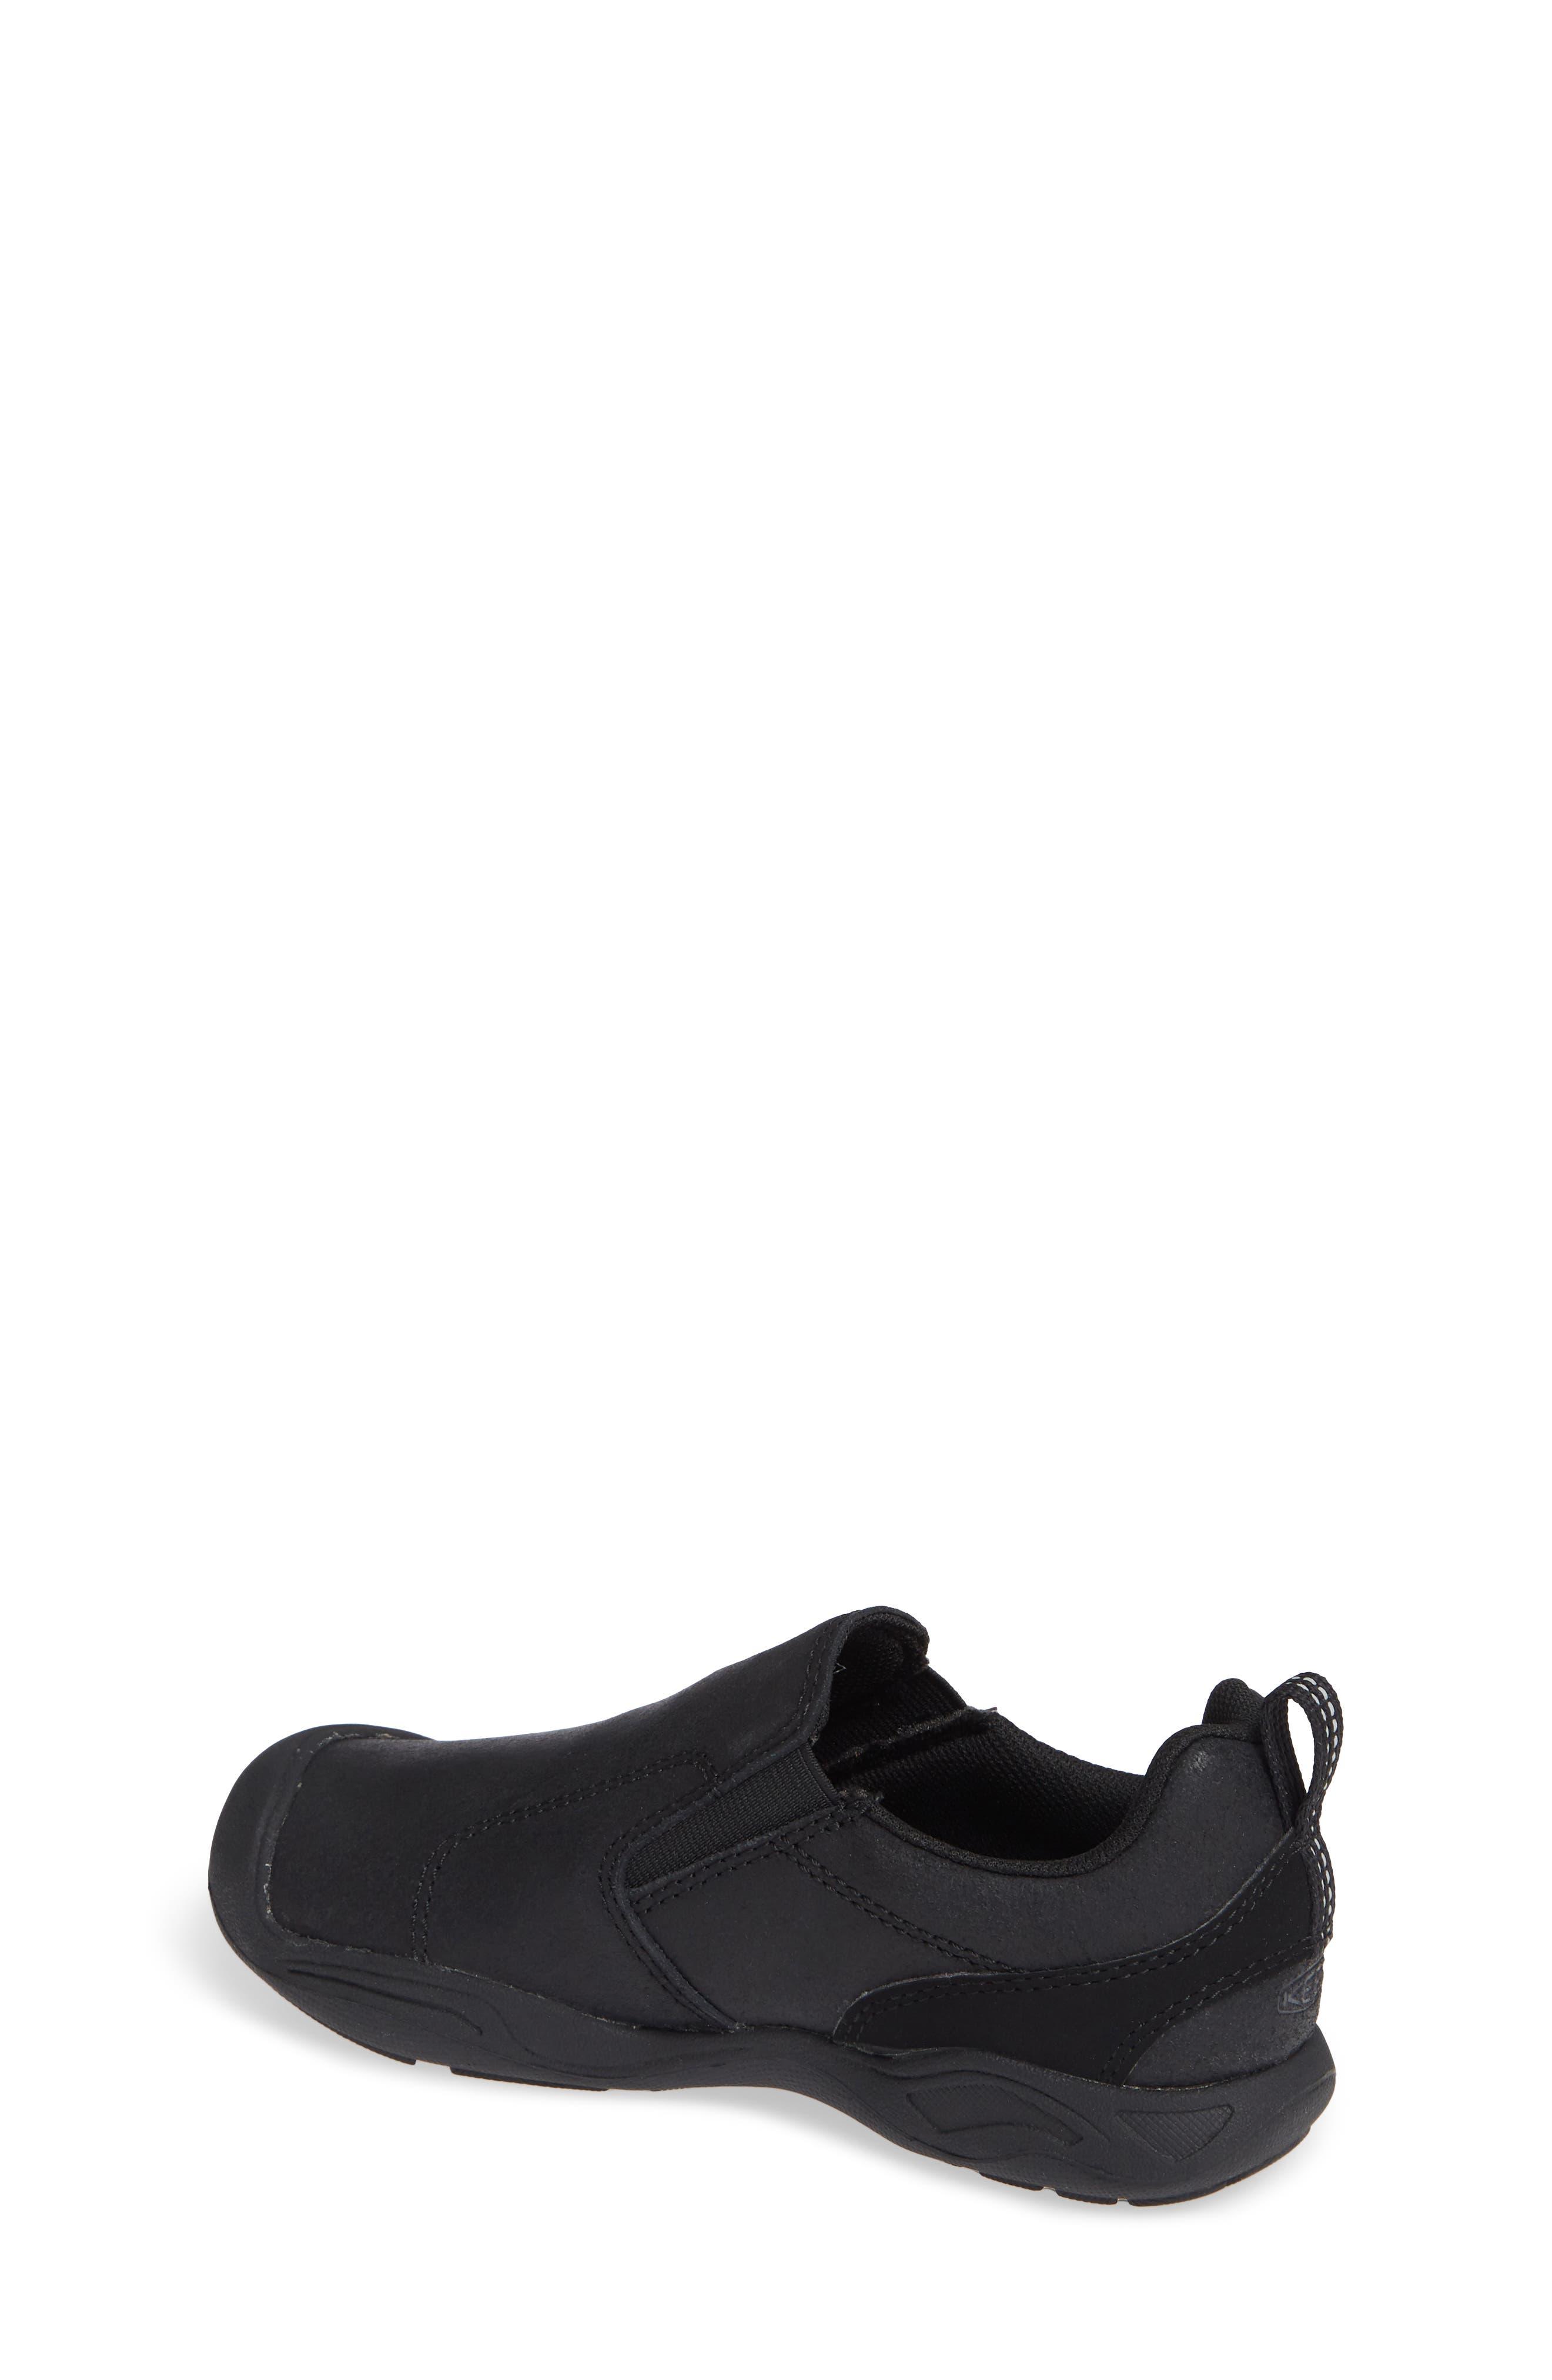 Jasper Slip-On Sneaker,                             Alternate thumbnail 2, color,                             BLACK/ RAVEN